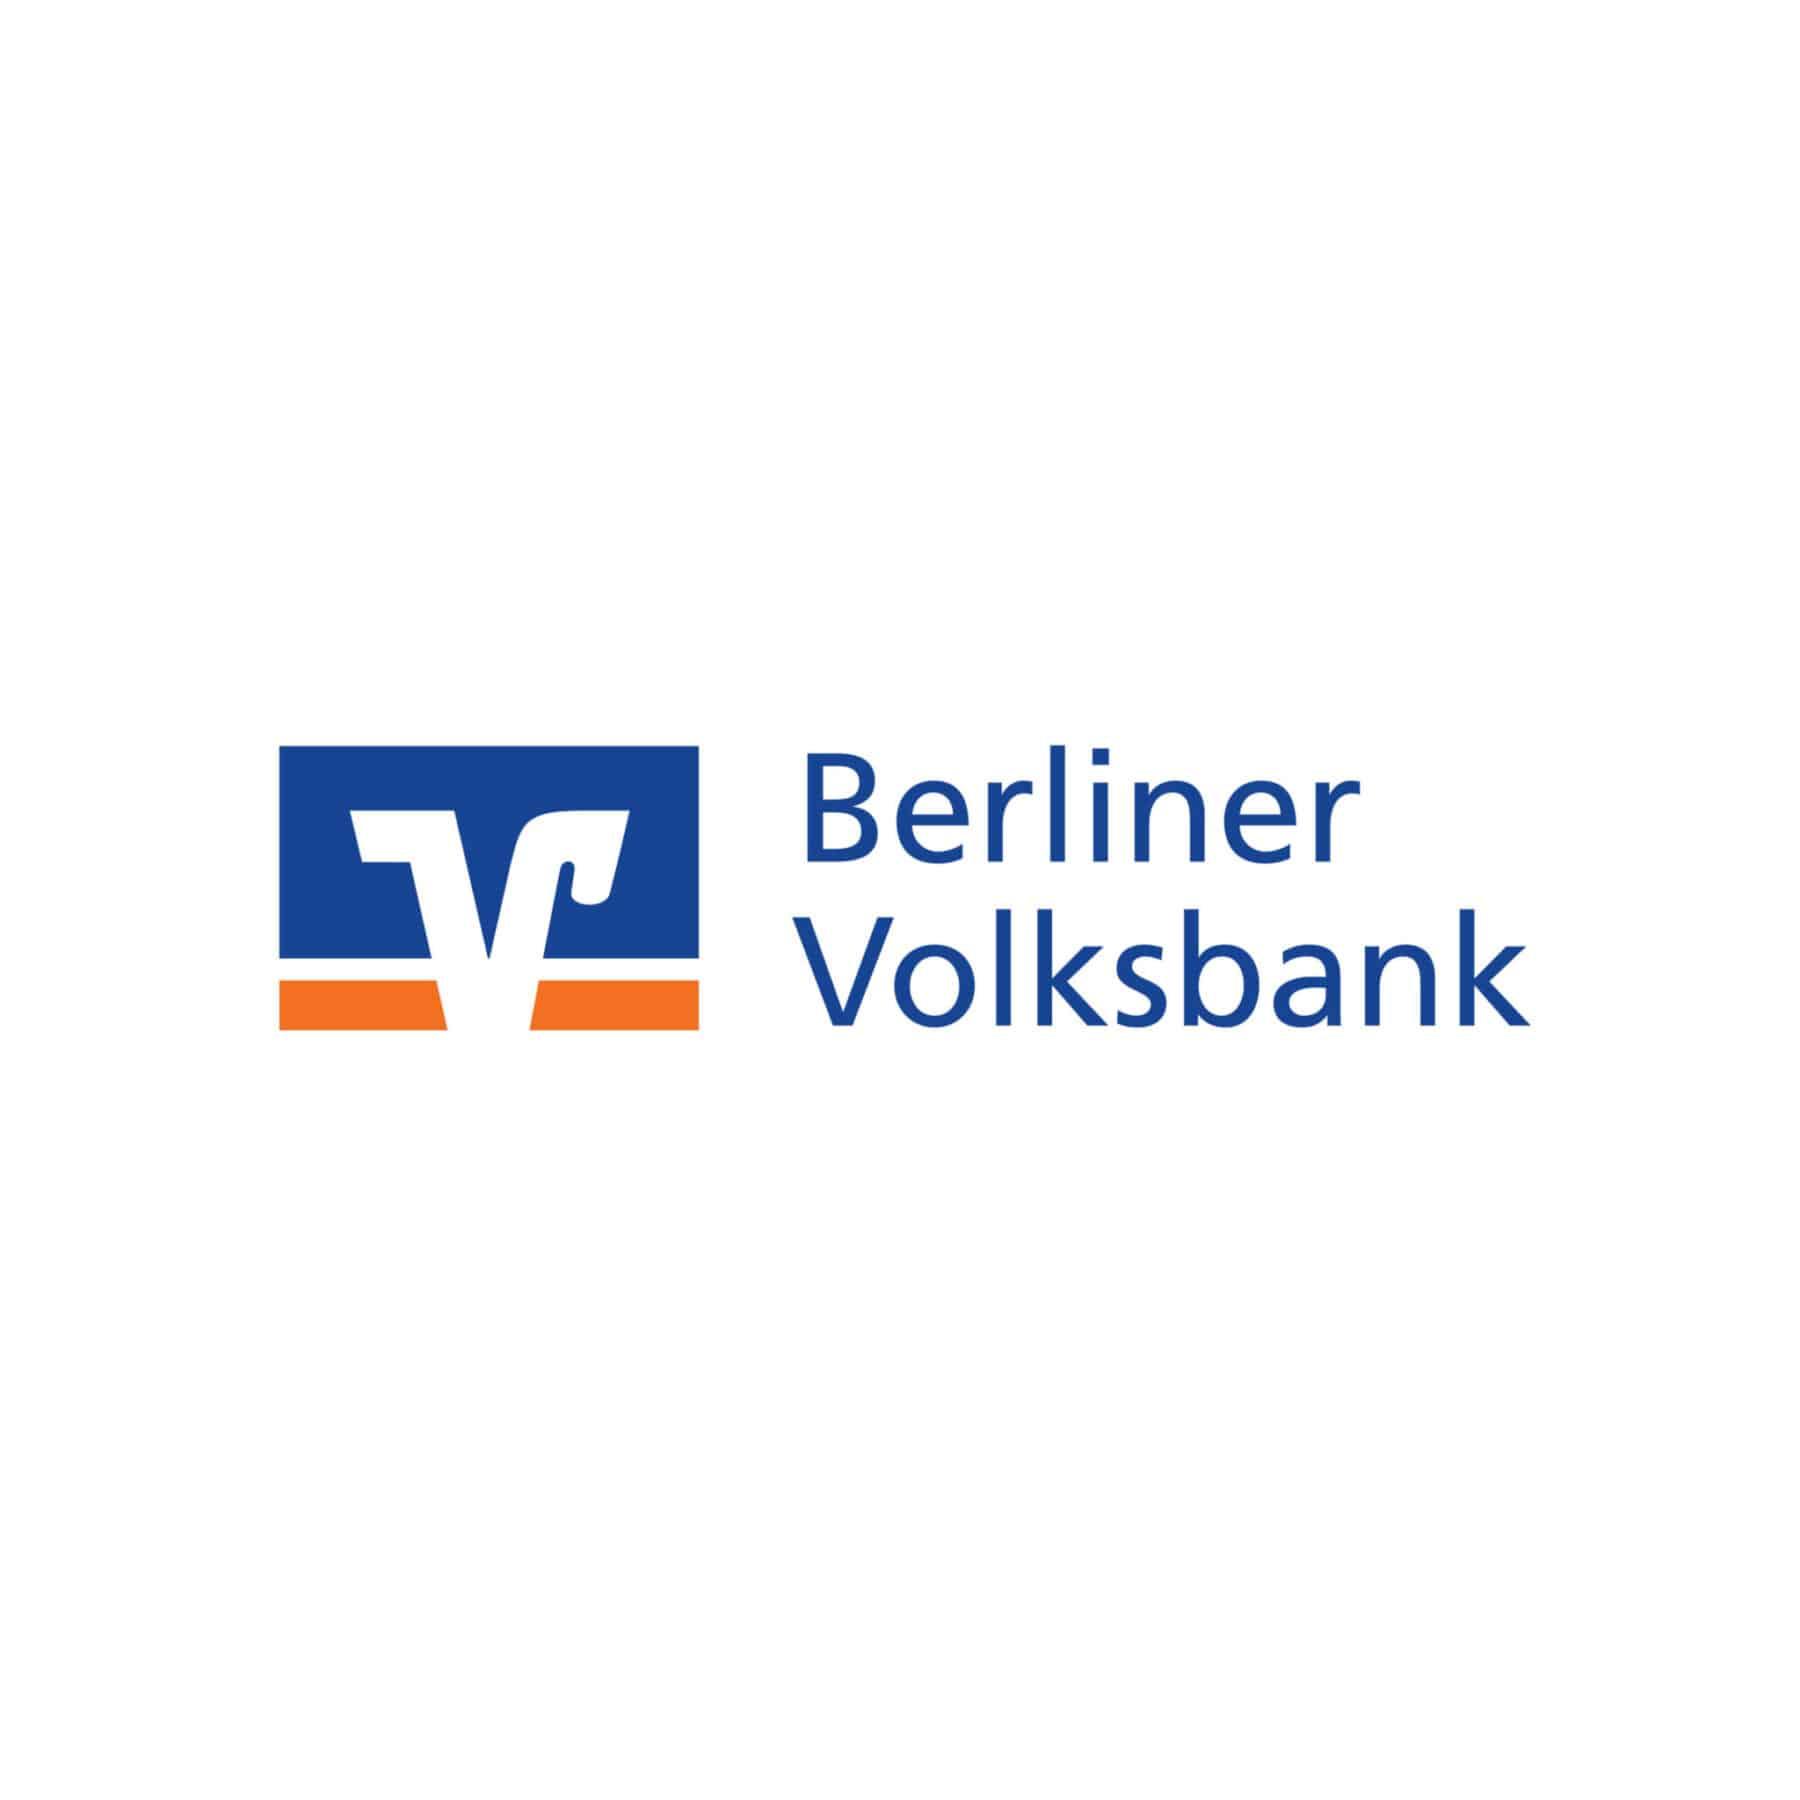 Berliner Volskbank Logo